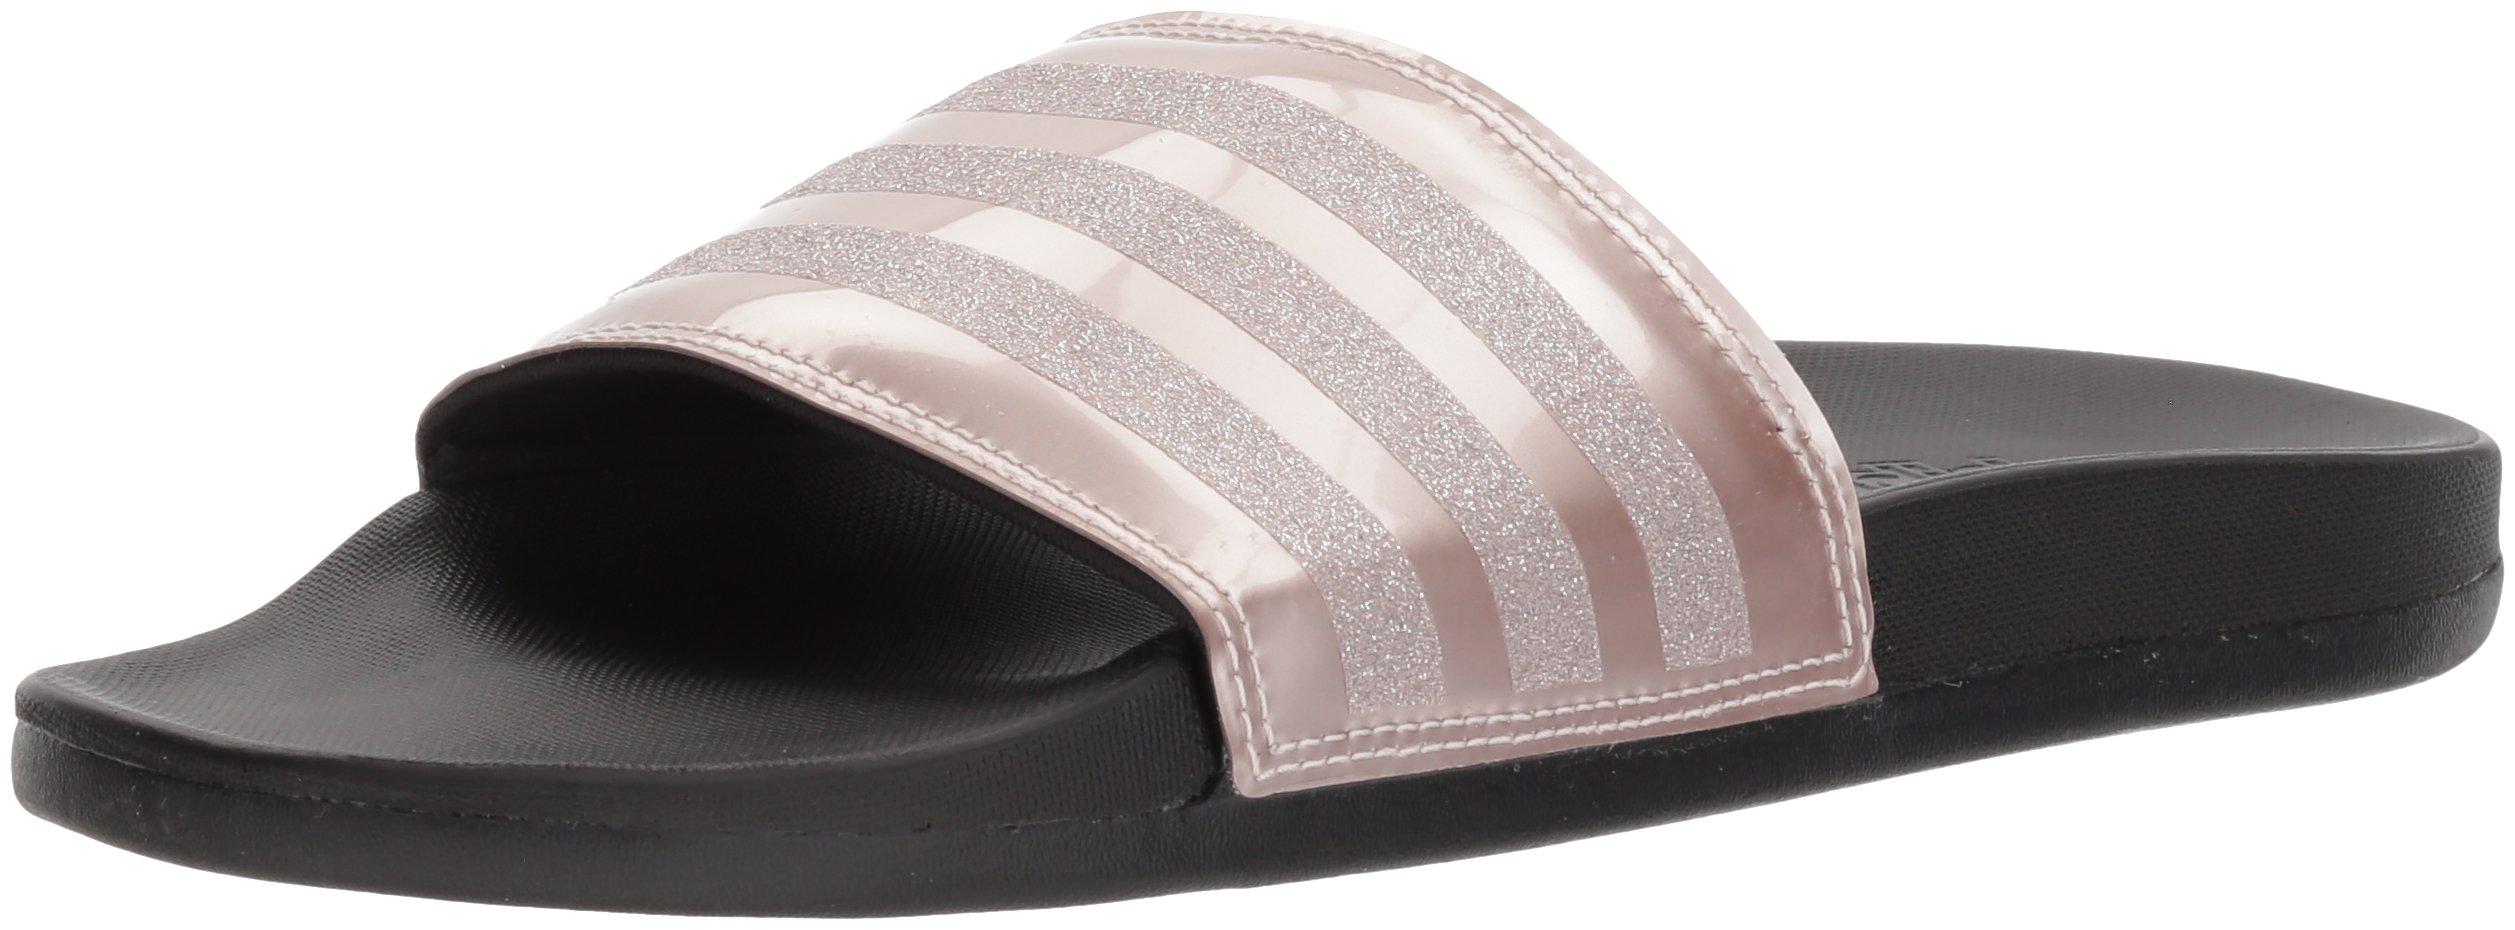 b3526978e26 adidas Performance Women s Adilette Comfort Slide Sandal